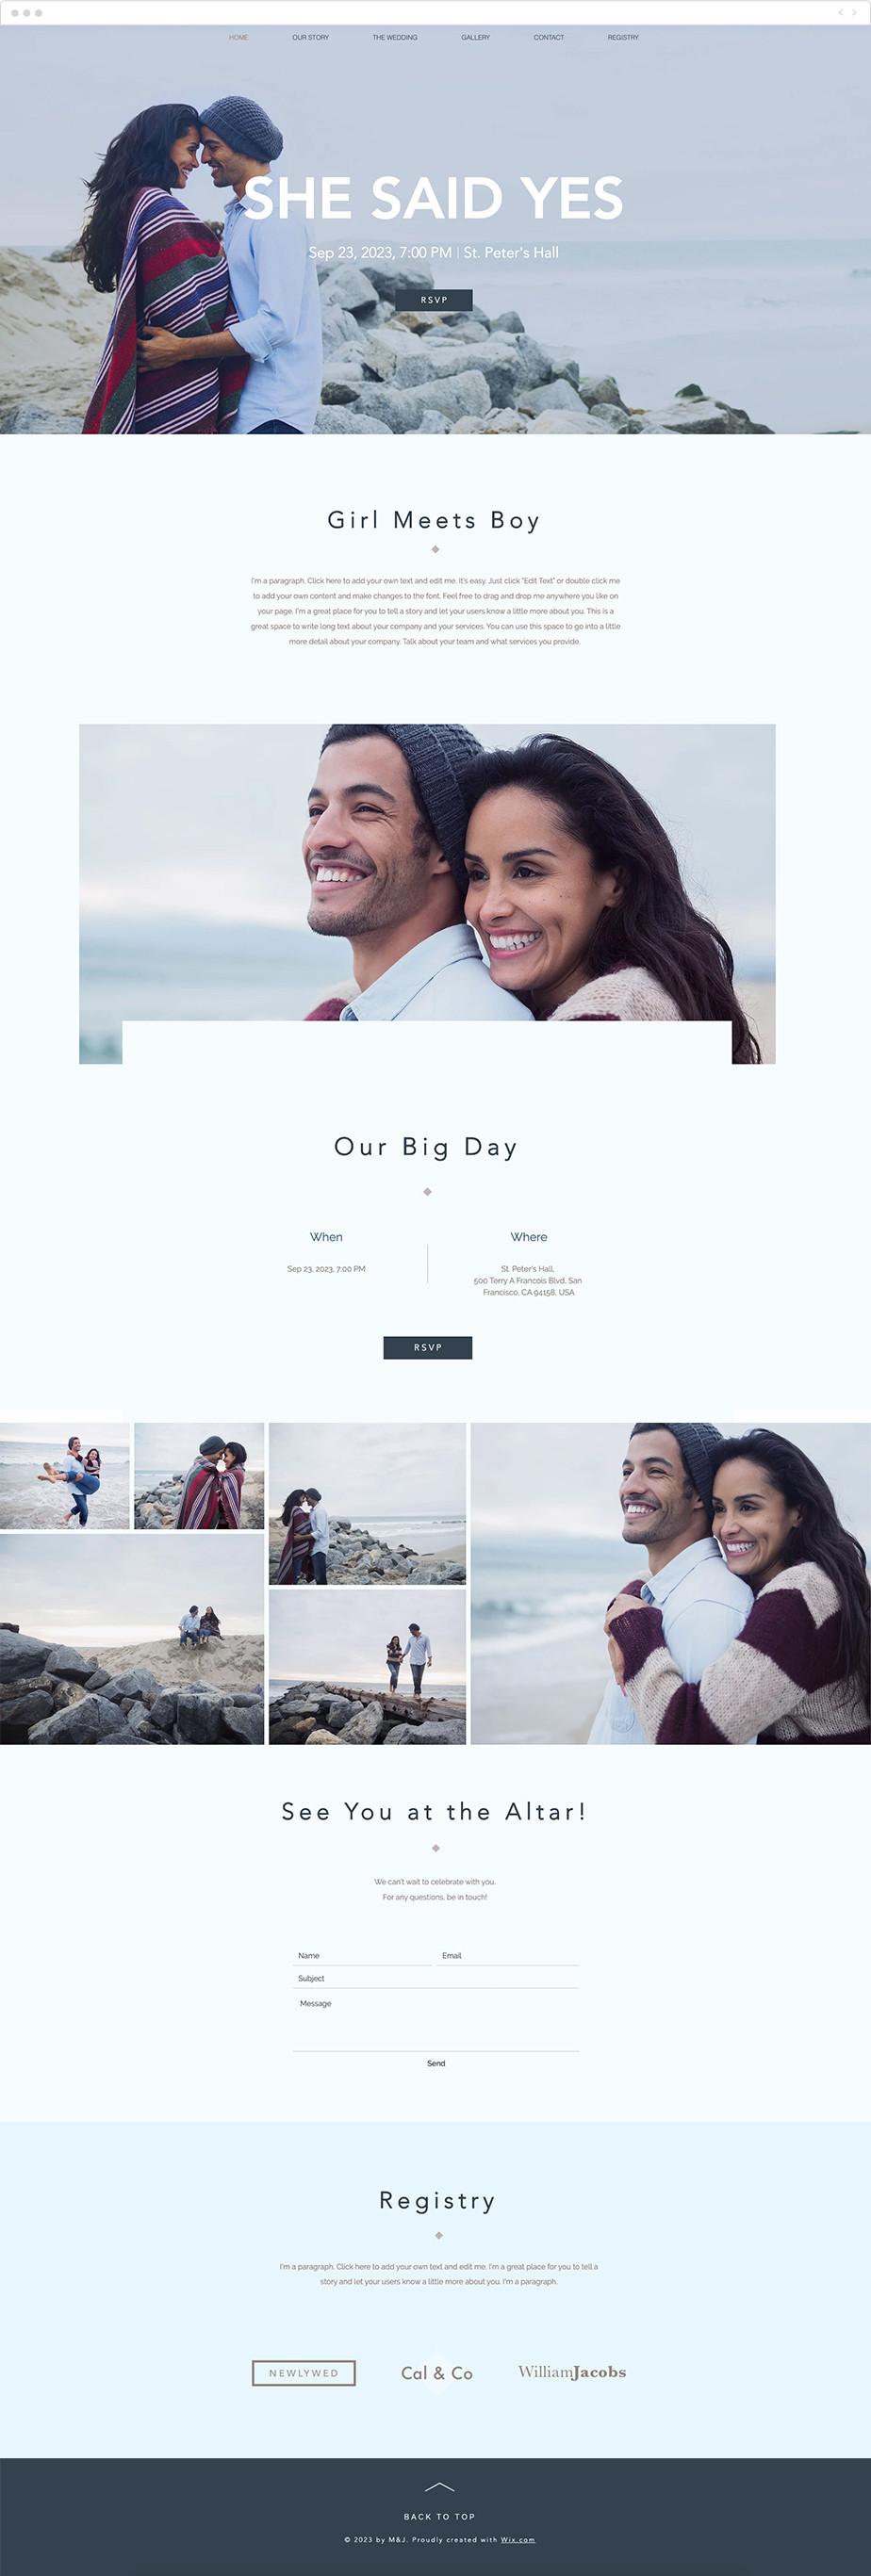 Plantilla web Wix para web de boda moderna